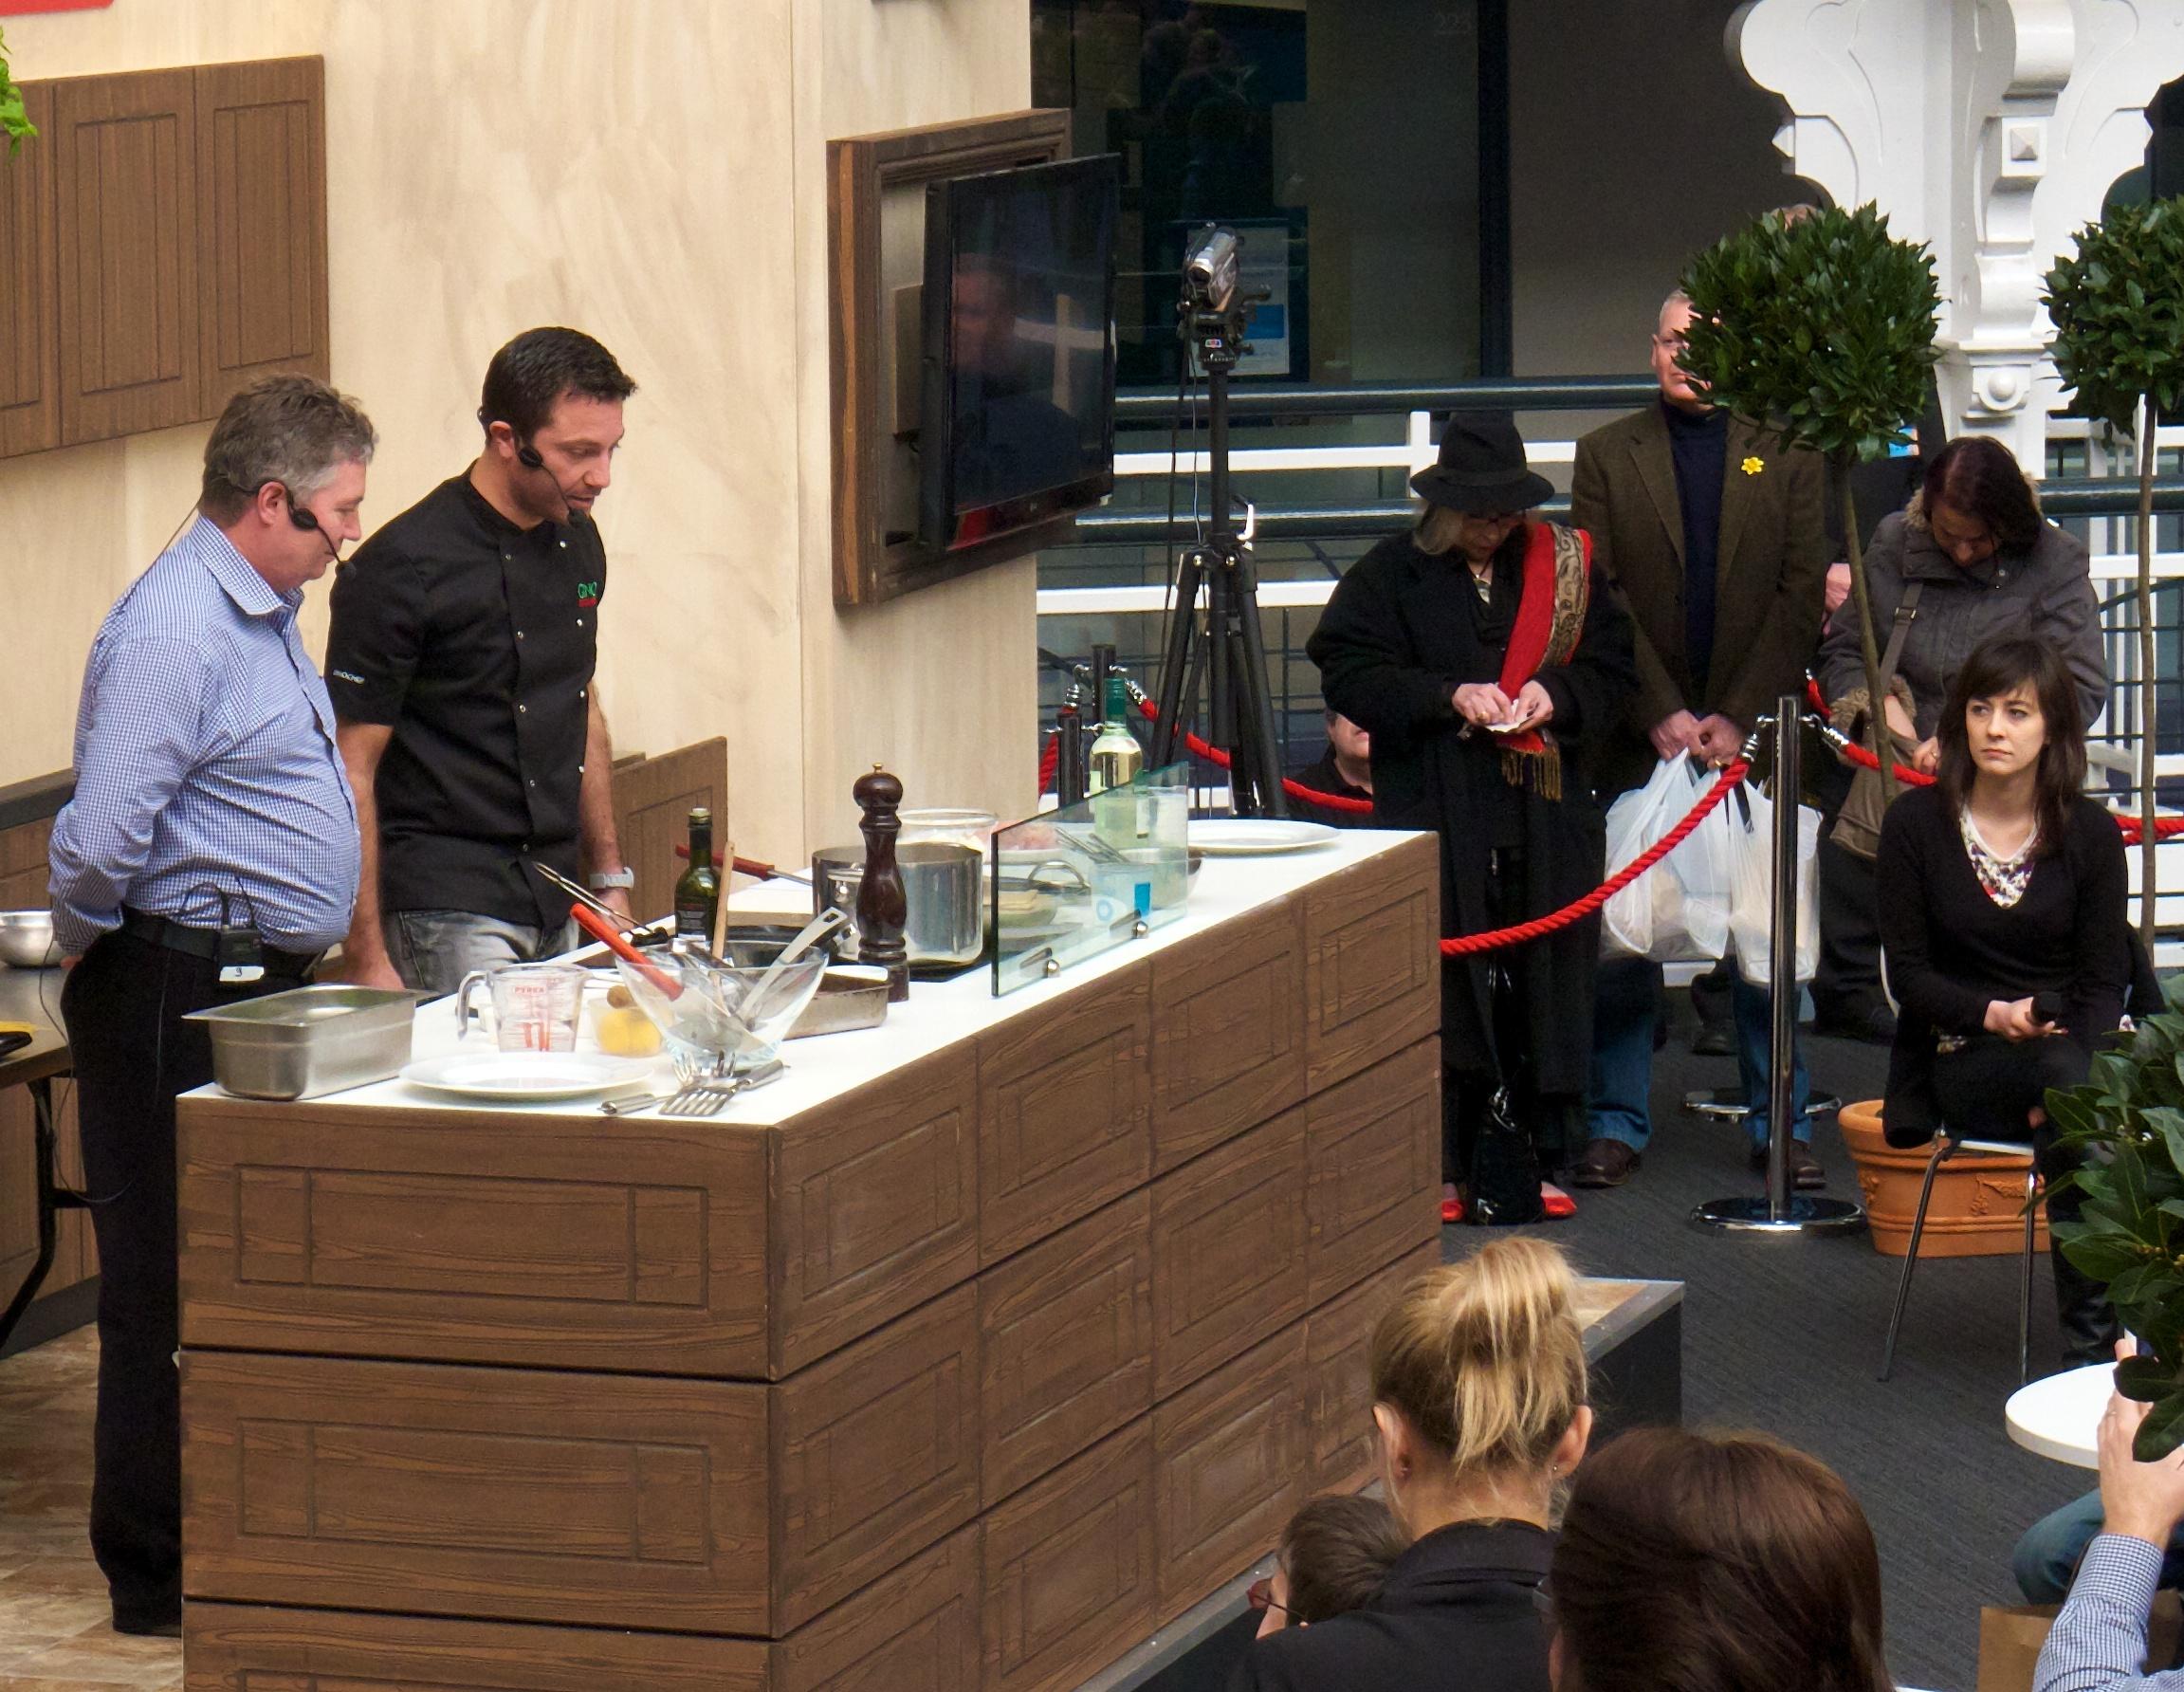 Gino DAcampo Italian-British celebrity chef and media personality